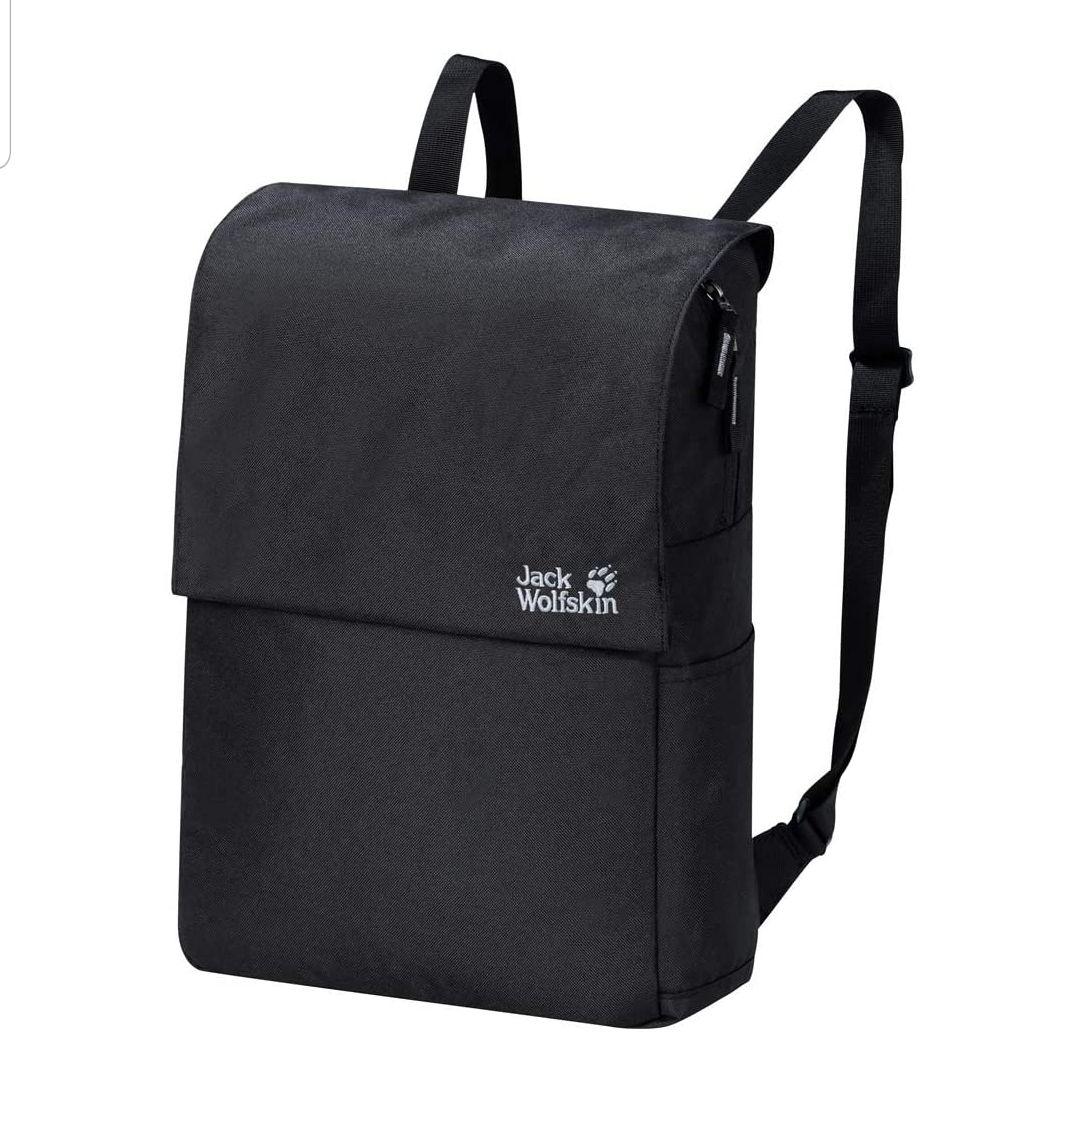 """Jack Wolfskin   Lynn Pack   Daypack in Handtaschen-Look   Notebookrucksack bis 14""""   12L   380gr.  """